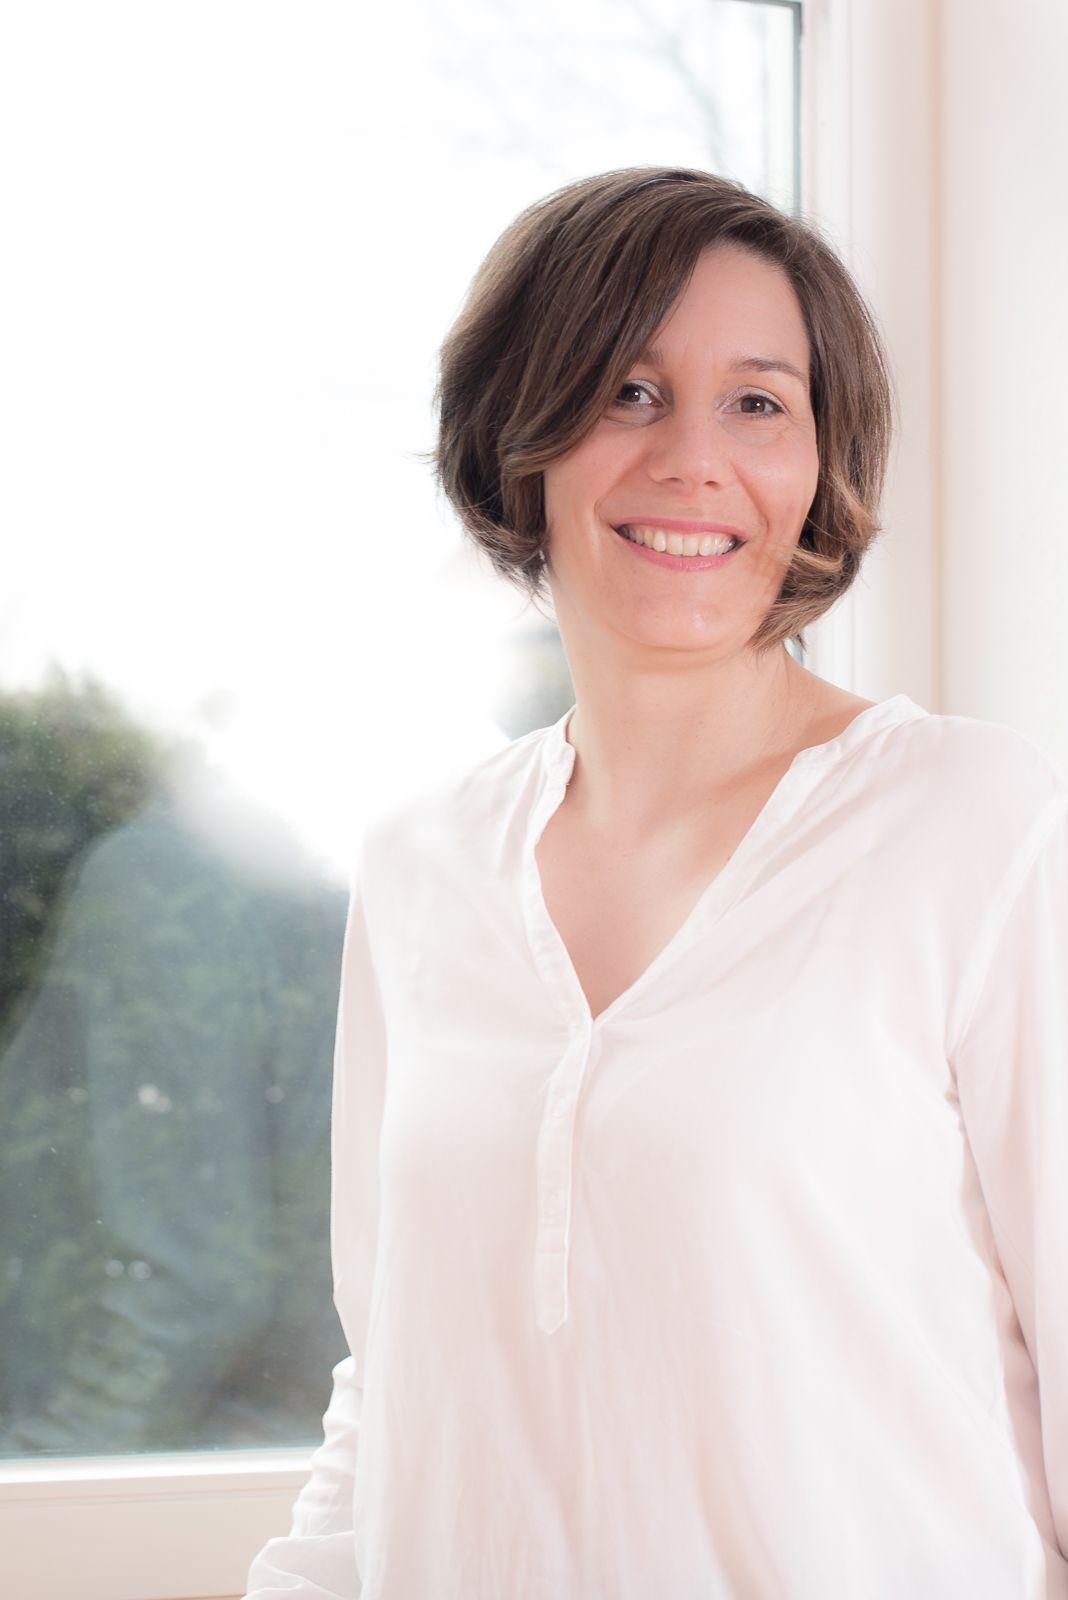 Marit Richter